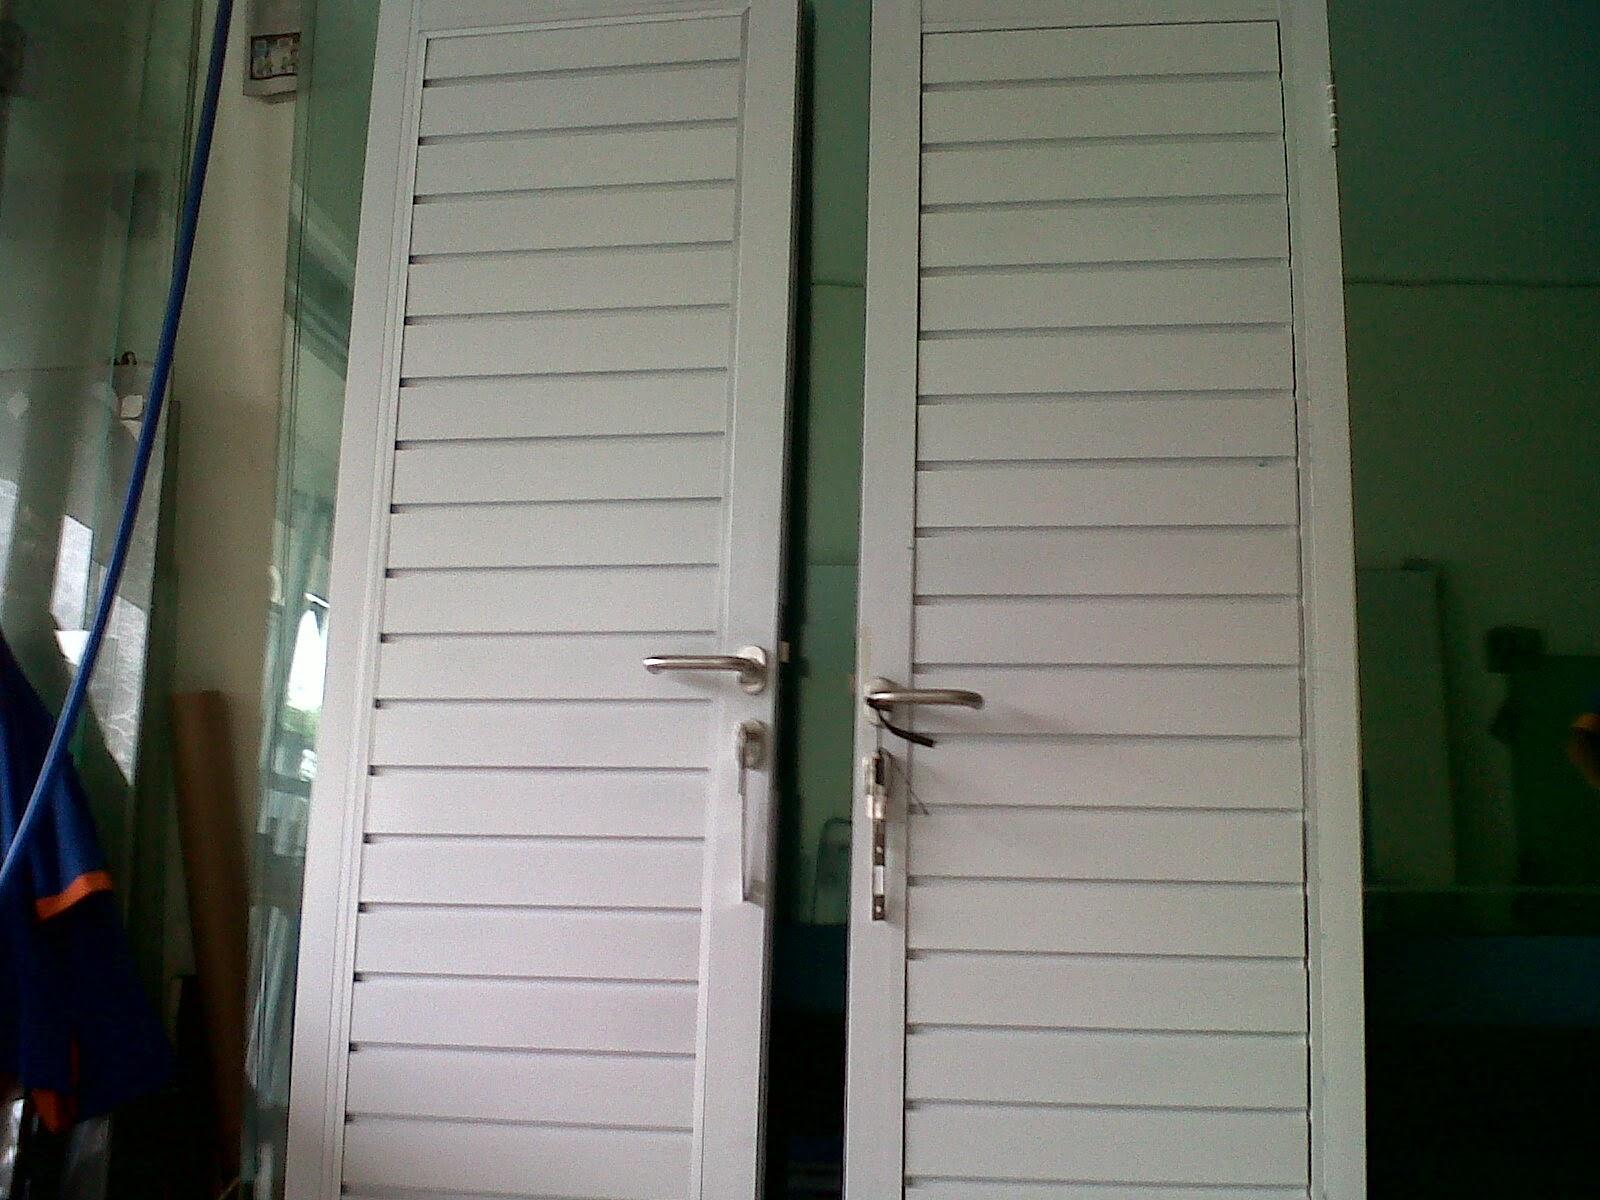 Contoh Pekerjaan Pintu Kaca & Kusen Aluminium